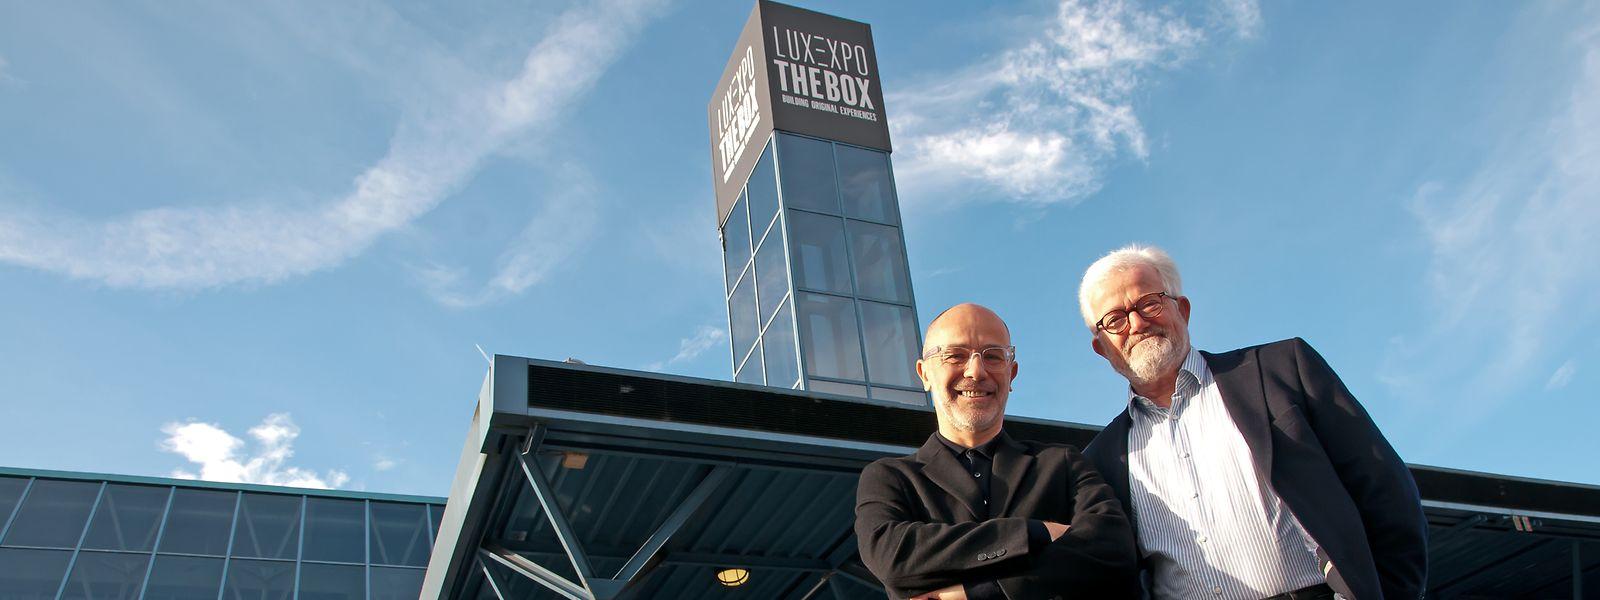 Pour Morgan Gromy et Raymond Schadeck, directeur et président du conseil d'administration de Luxexpo The Box, l'avenir du centre de congrès et d'expositions passera par la «verticalité».